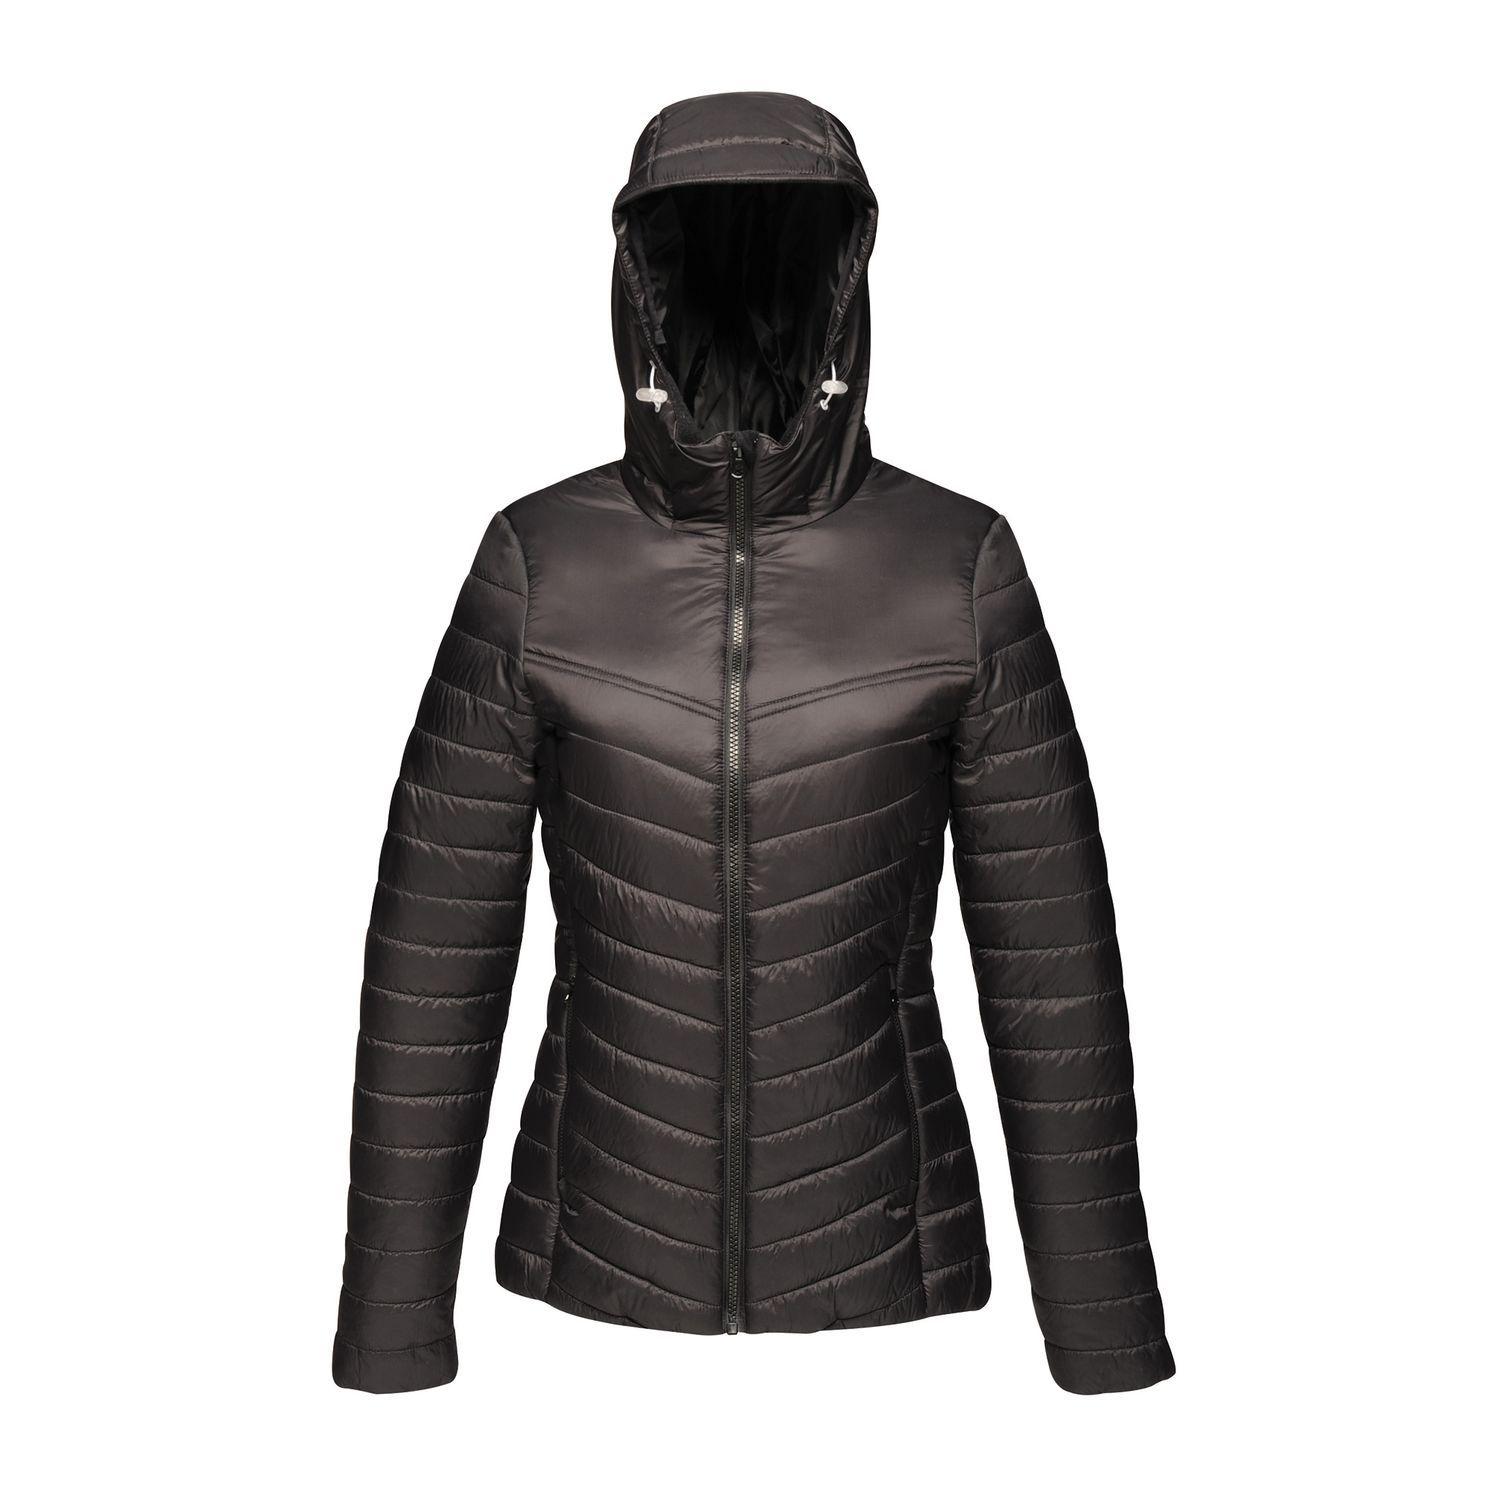 Regatta Womens/Ladies Acadia II Jacket